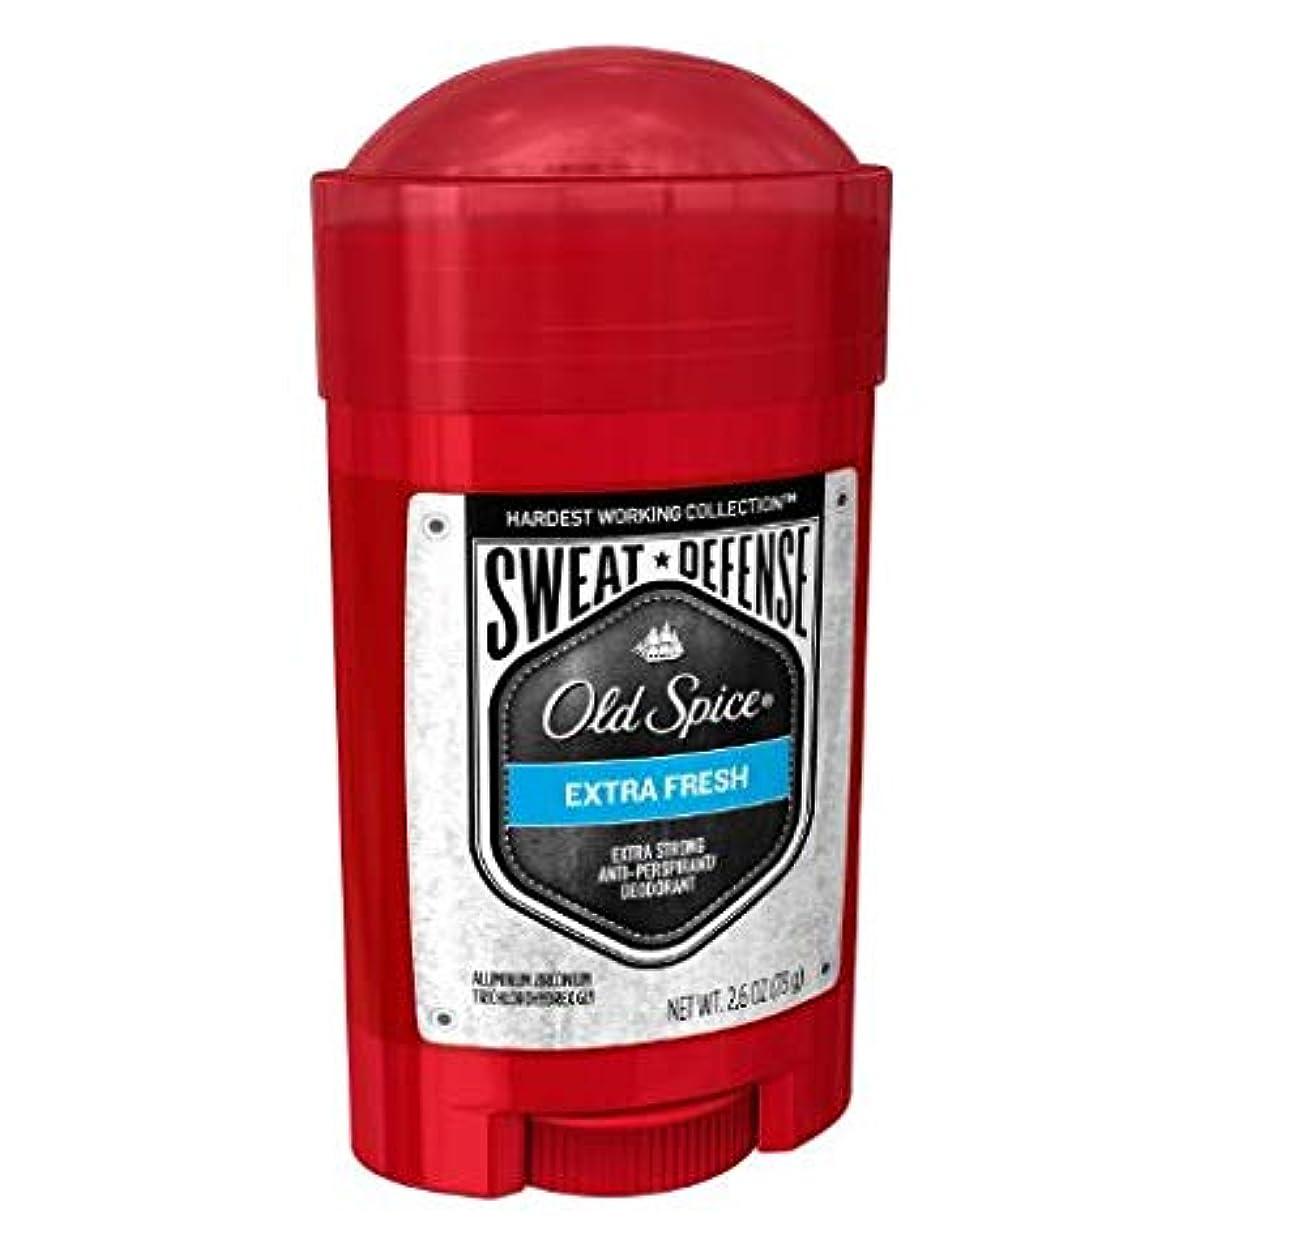 気体の貫入ハウジングOld Spice Hardest Working Collection Sweat Defense Extra Fresh Antiperspirant and Deodorant - 2.6oz オールドスパイス ハーデスト...